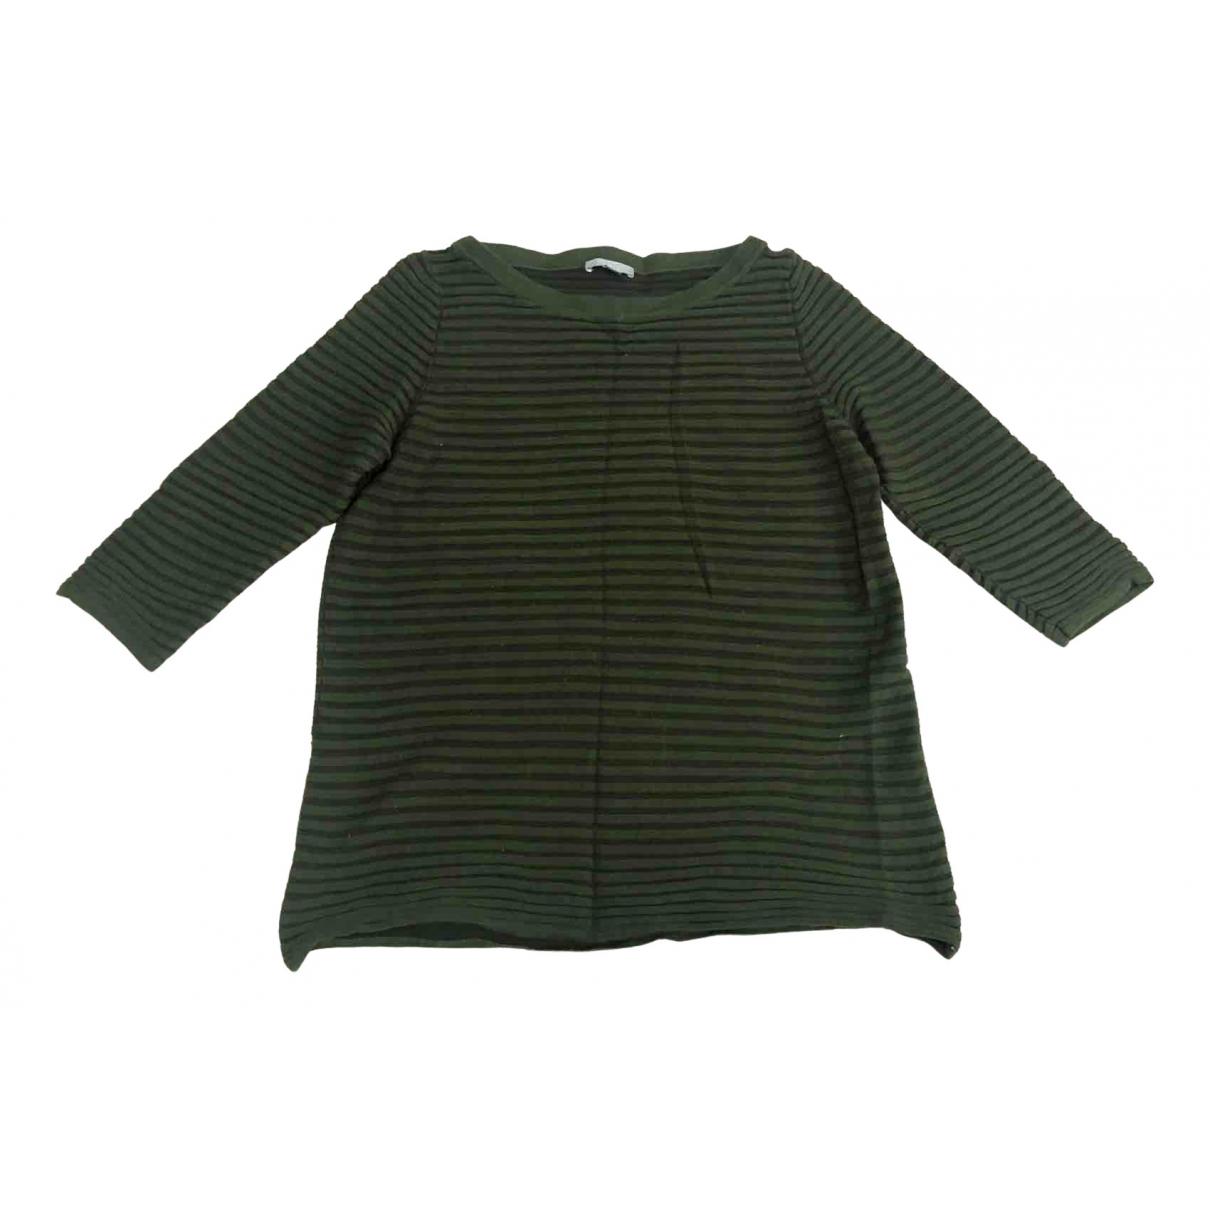 Cos - Pull   pour femme en coton - multicolore